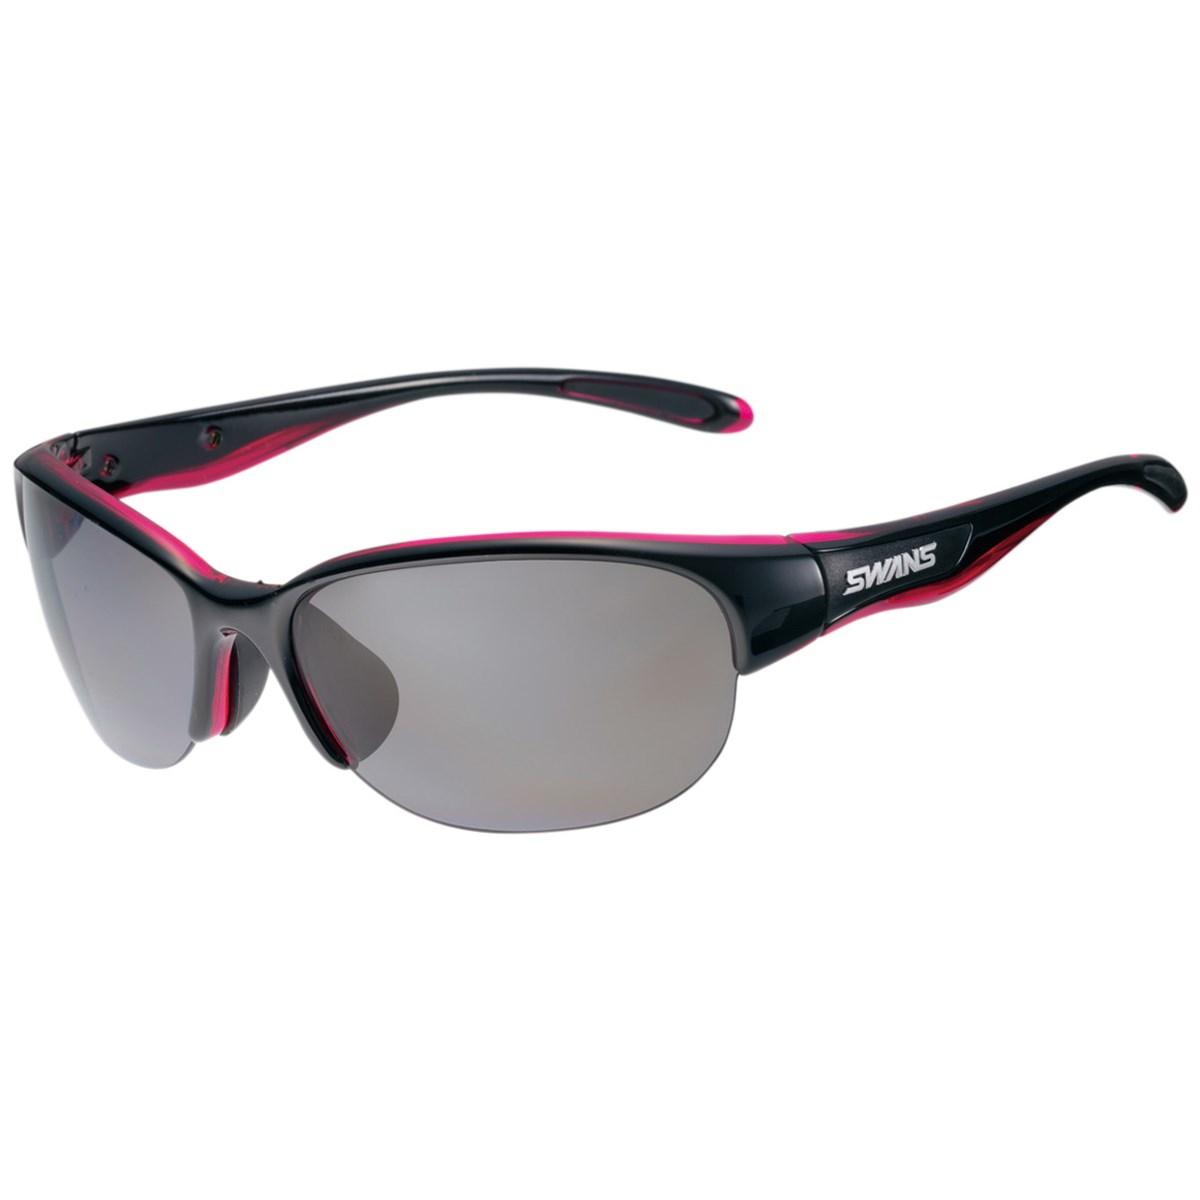 SWANS スワンズ 偏光レンズ スポーツサングラス ブラック/クリアピンク レディス